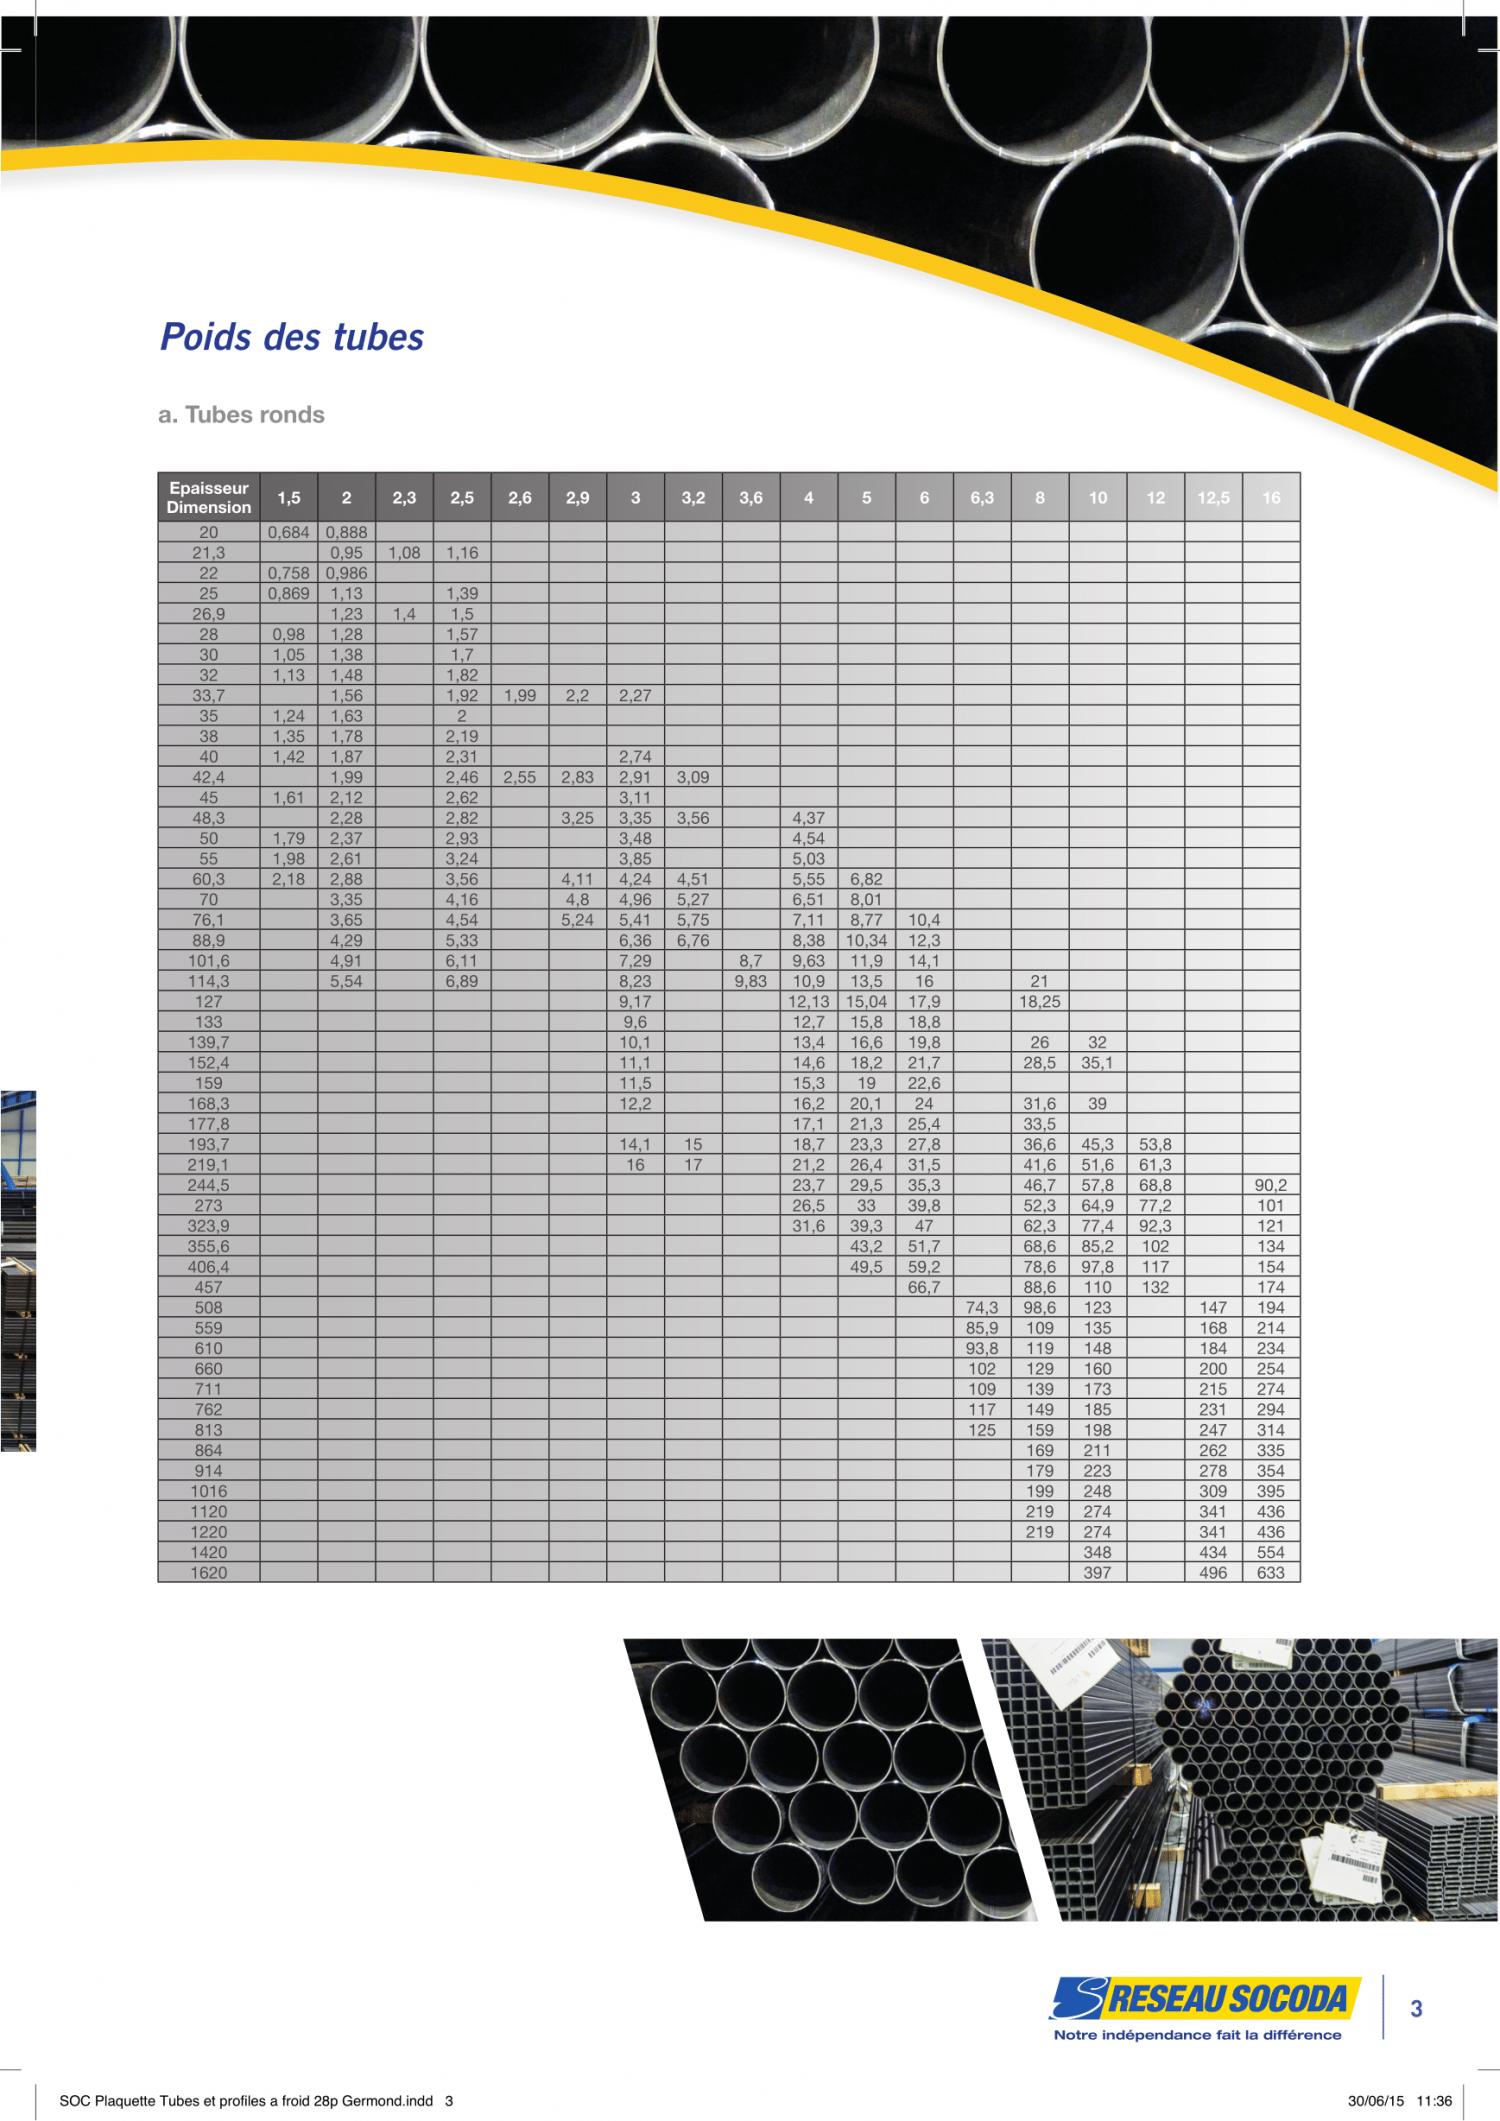 SOC Plaquette Tubes et profiles a froid 28p Germond HD (2)-03